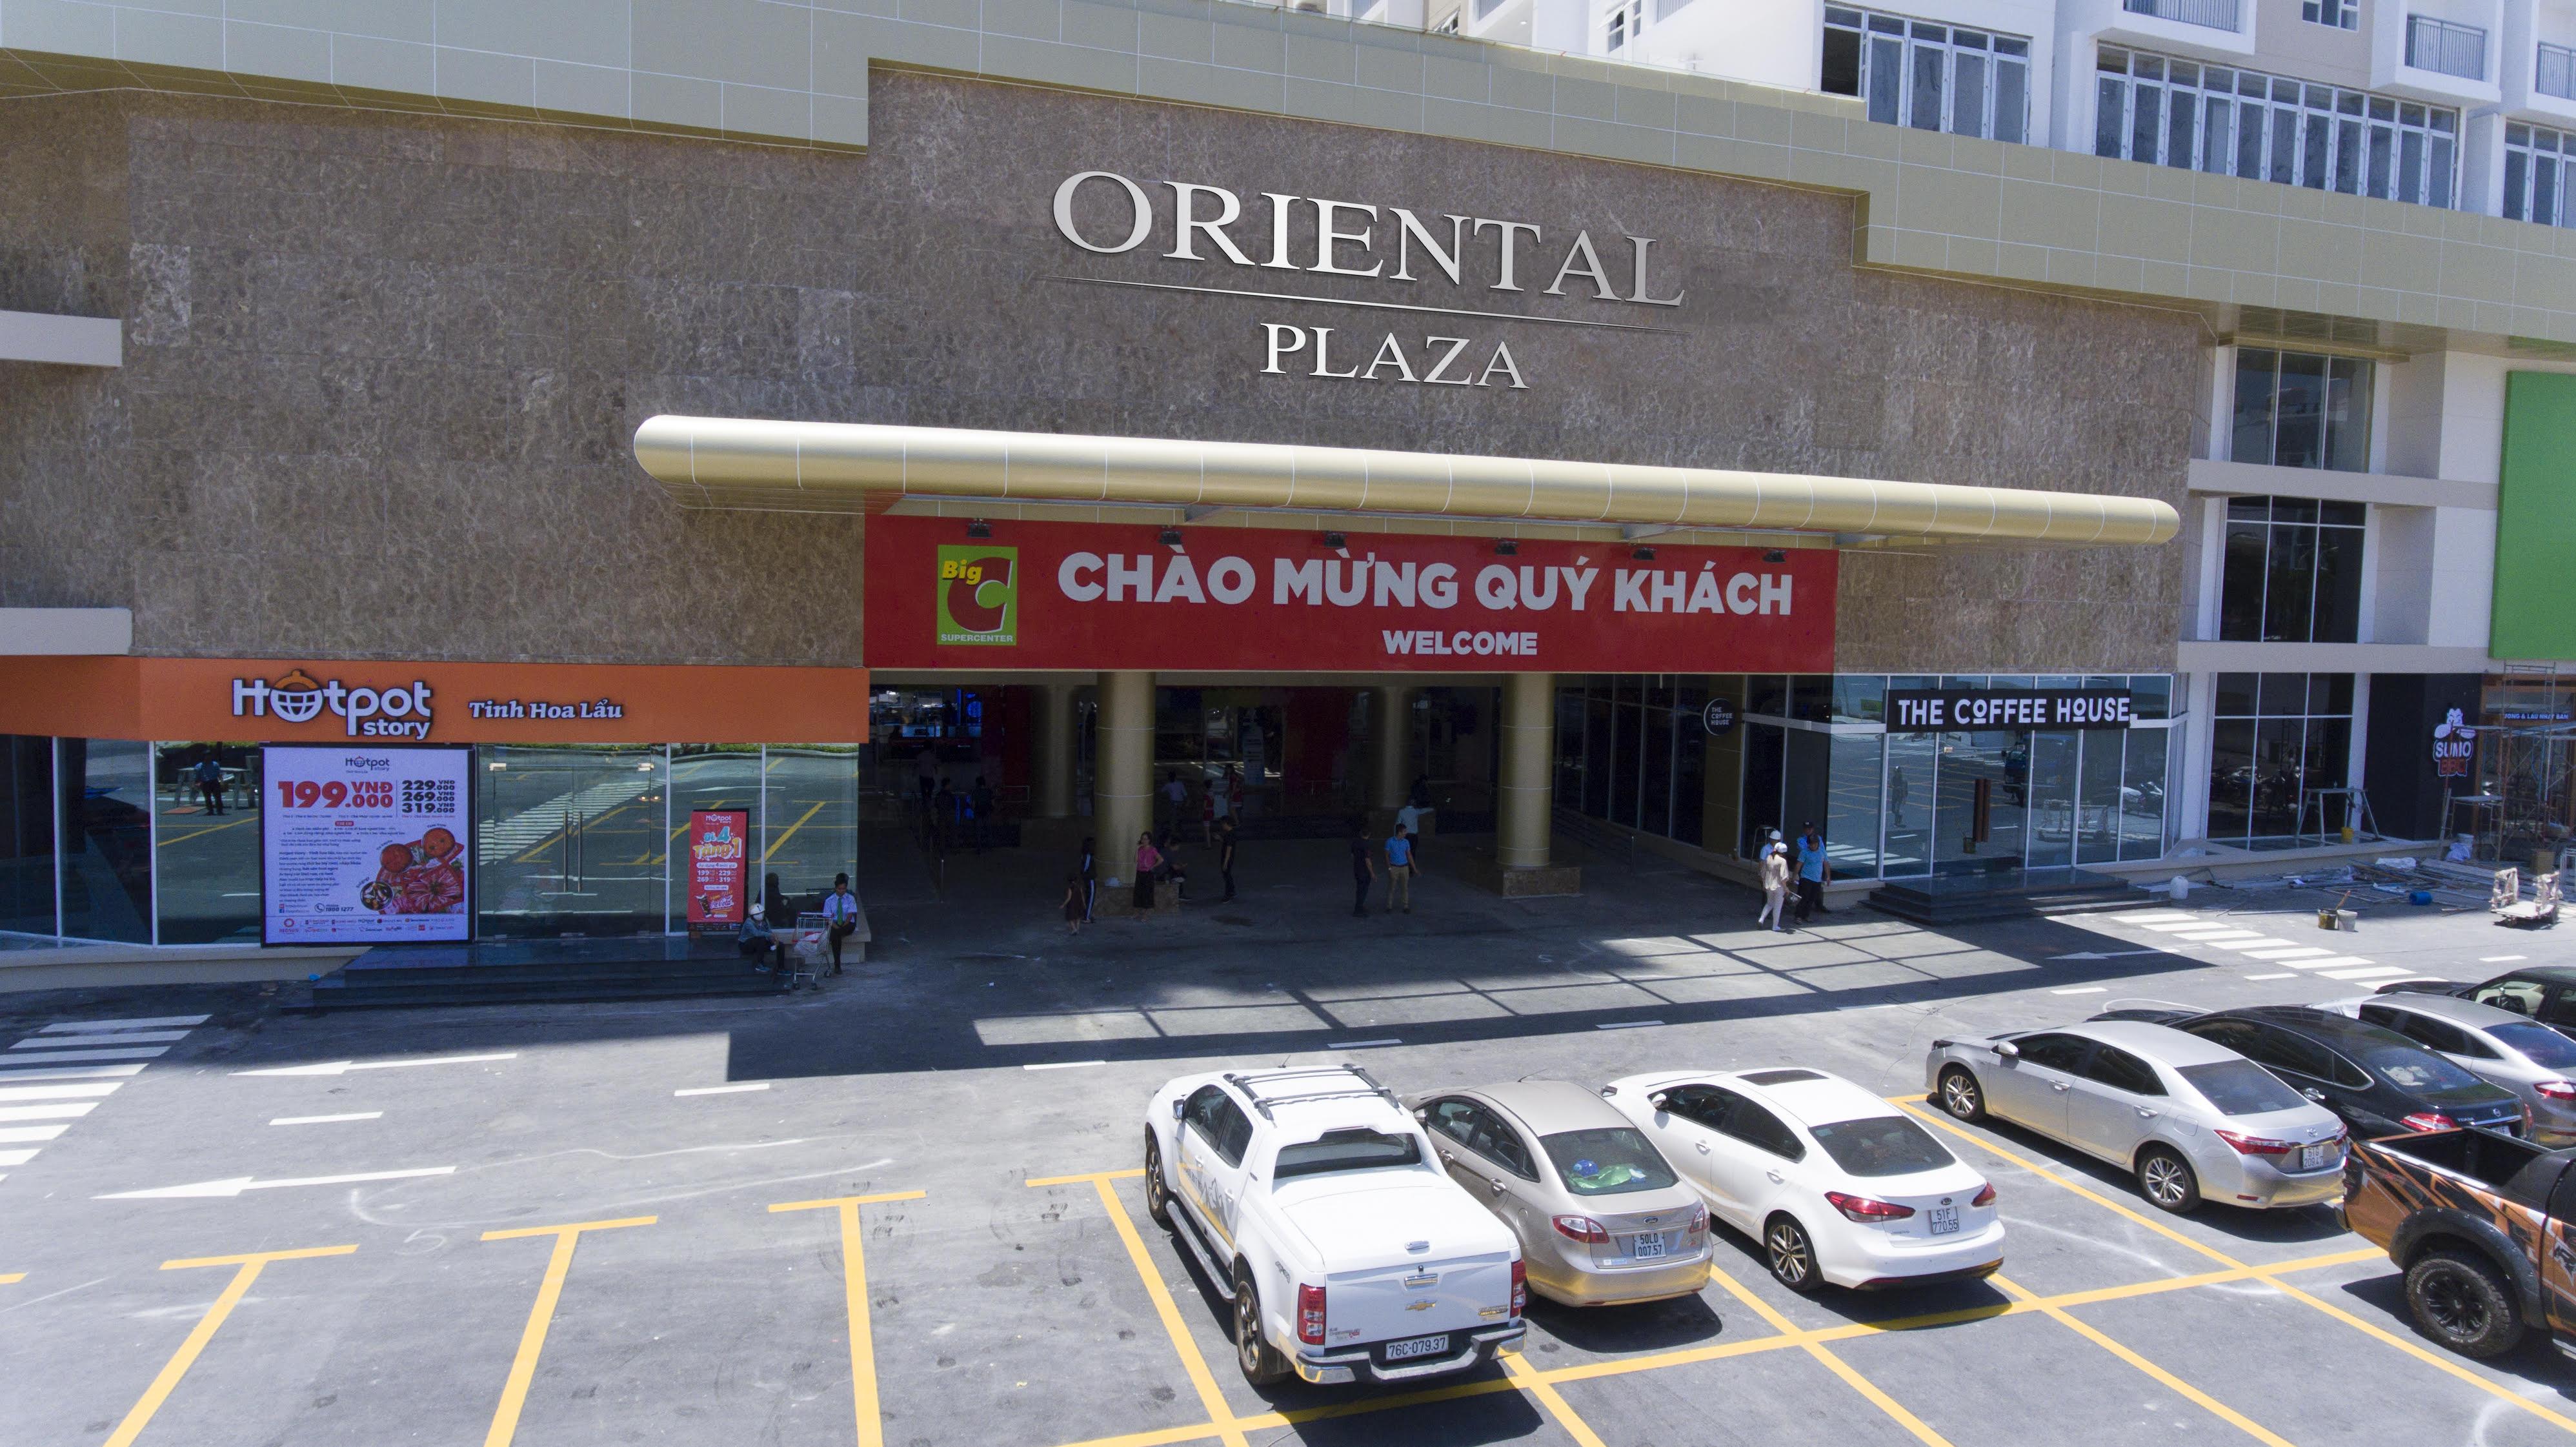 Oriental Plaza là điểm đến mua sắm, vui chơi của người dân khu vực Tân Bình, Tân Phú.